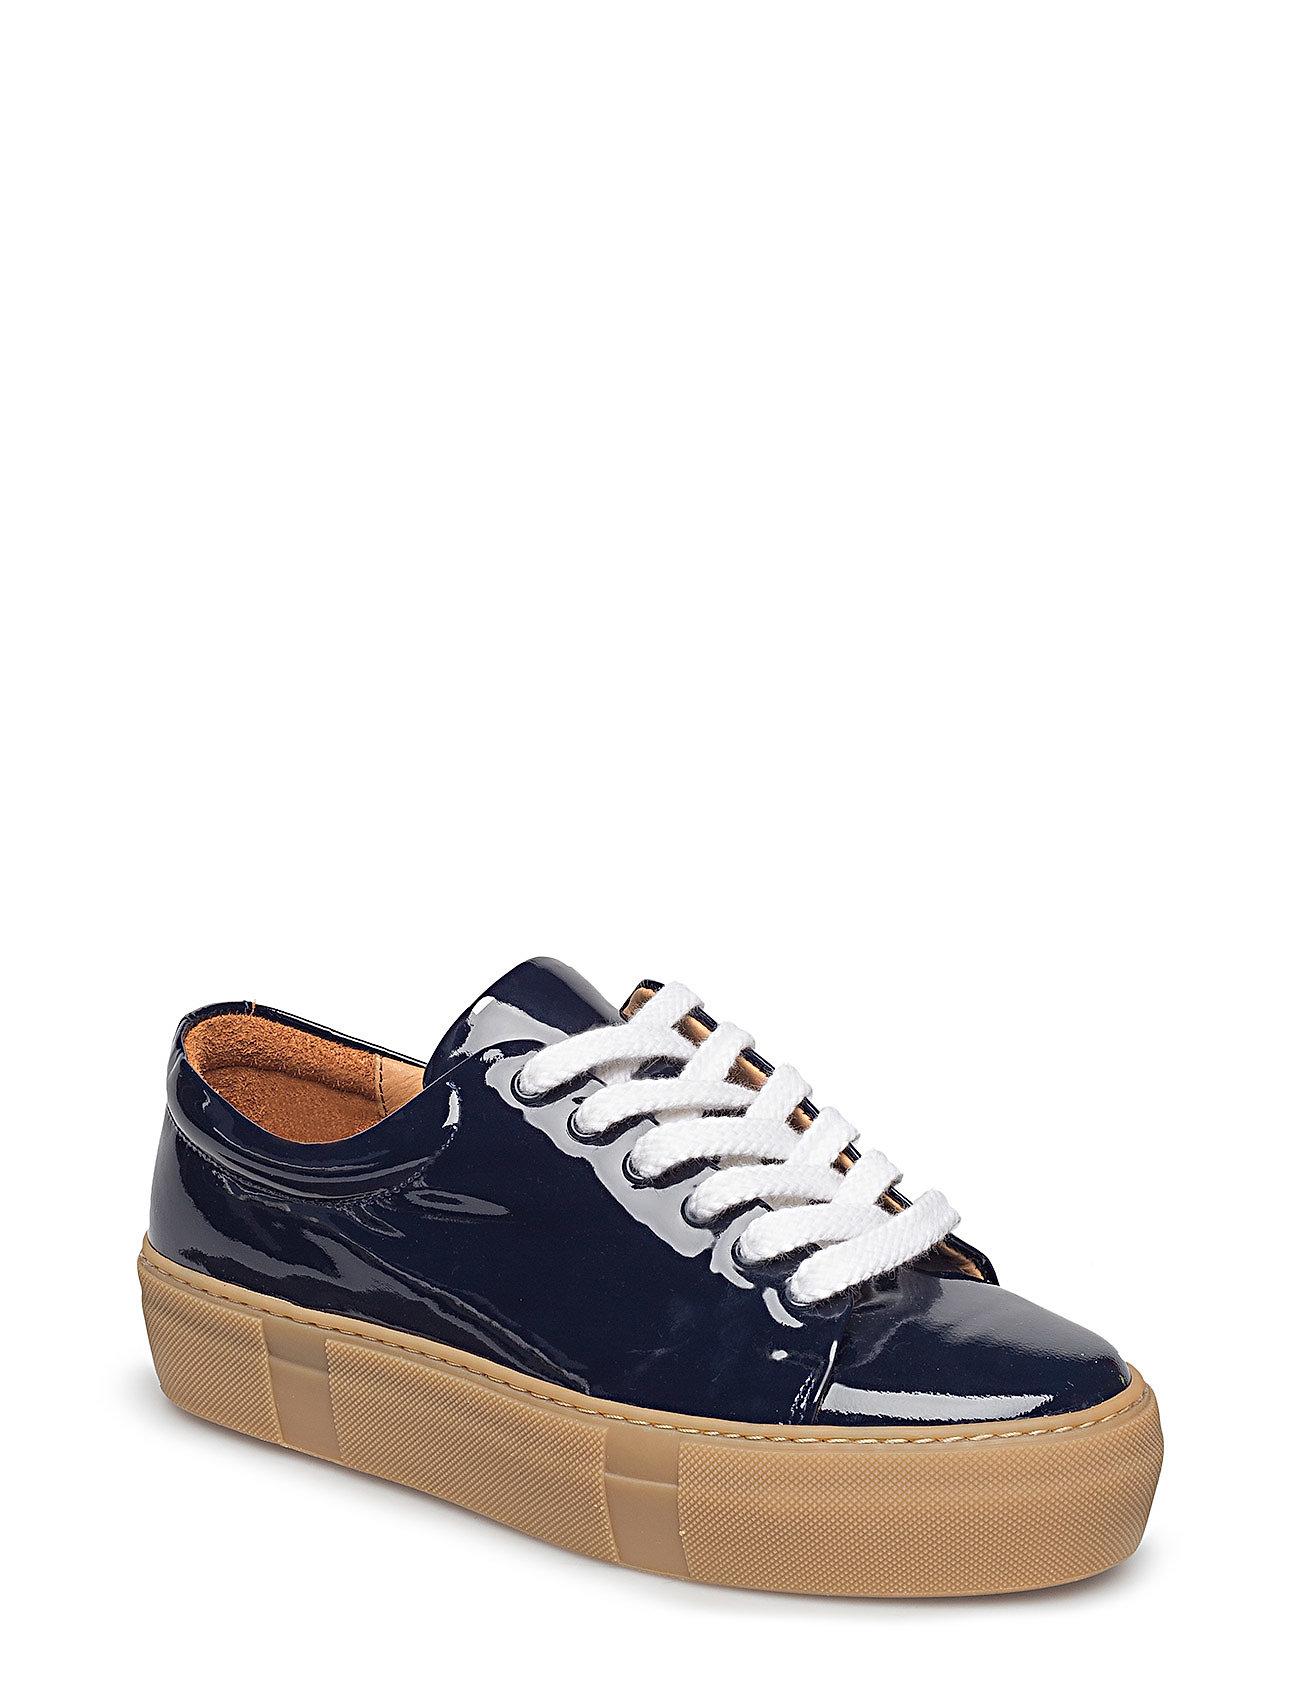 22adbf66a1fc Sam Sneaker